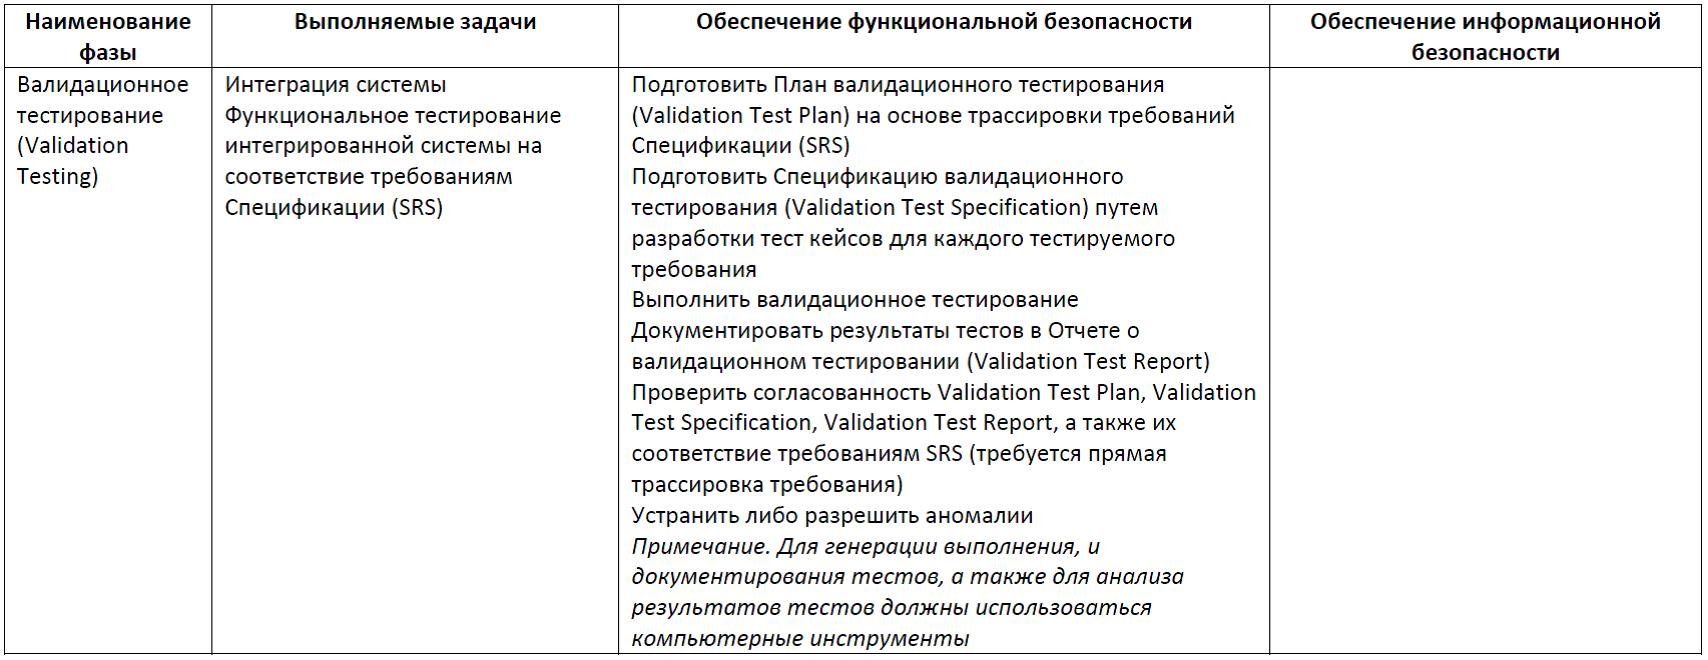 Функциональная безопасность, часть 5 из 5. Жизненный цикл информационной и функциональной безопасности - 17